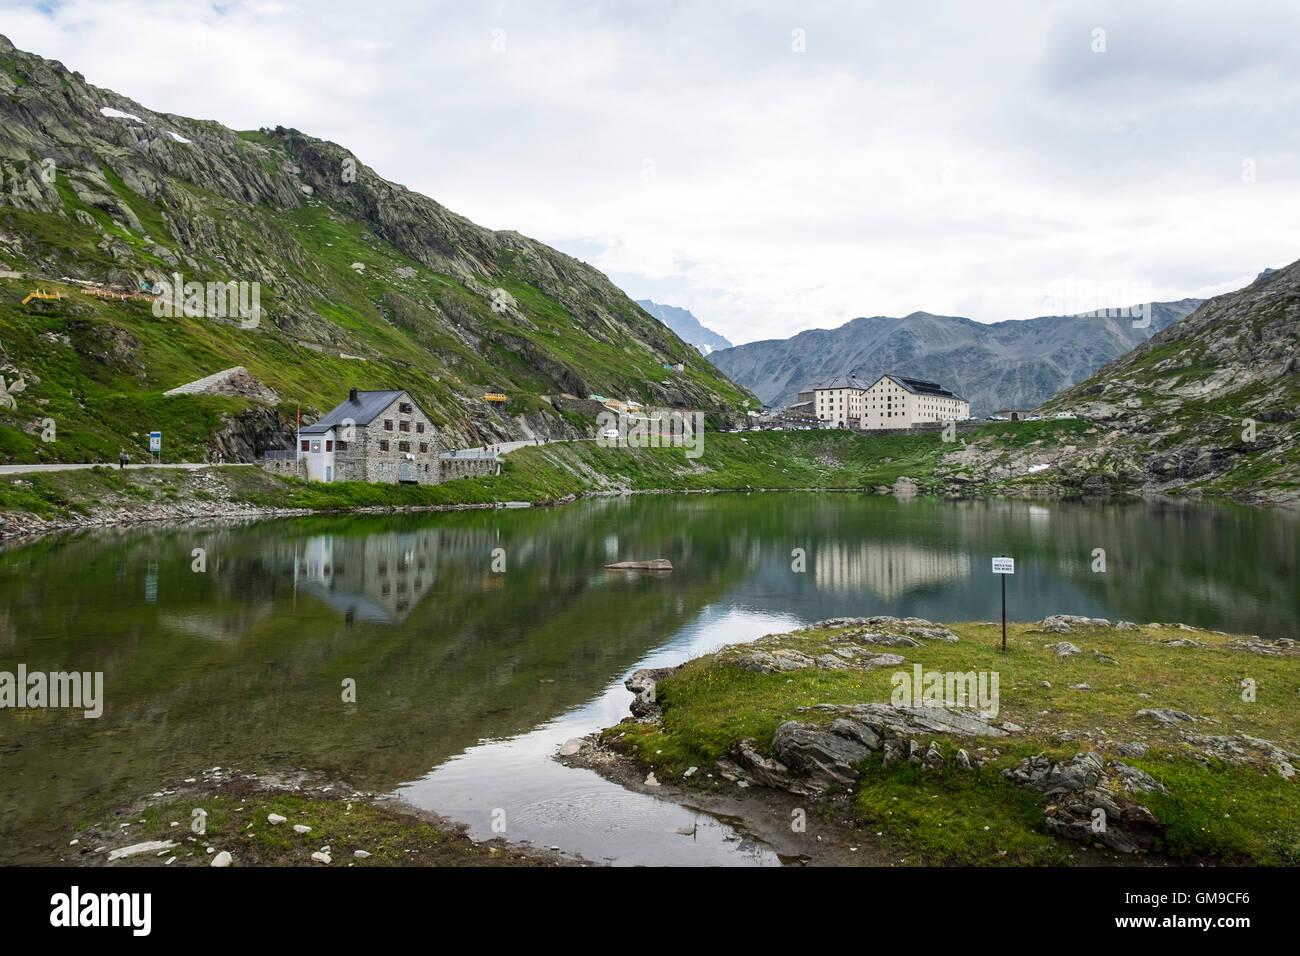 Italy, Valle d'Aosta, Aosta valley, Gran San Bernardo pass, landscape - Stock Image